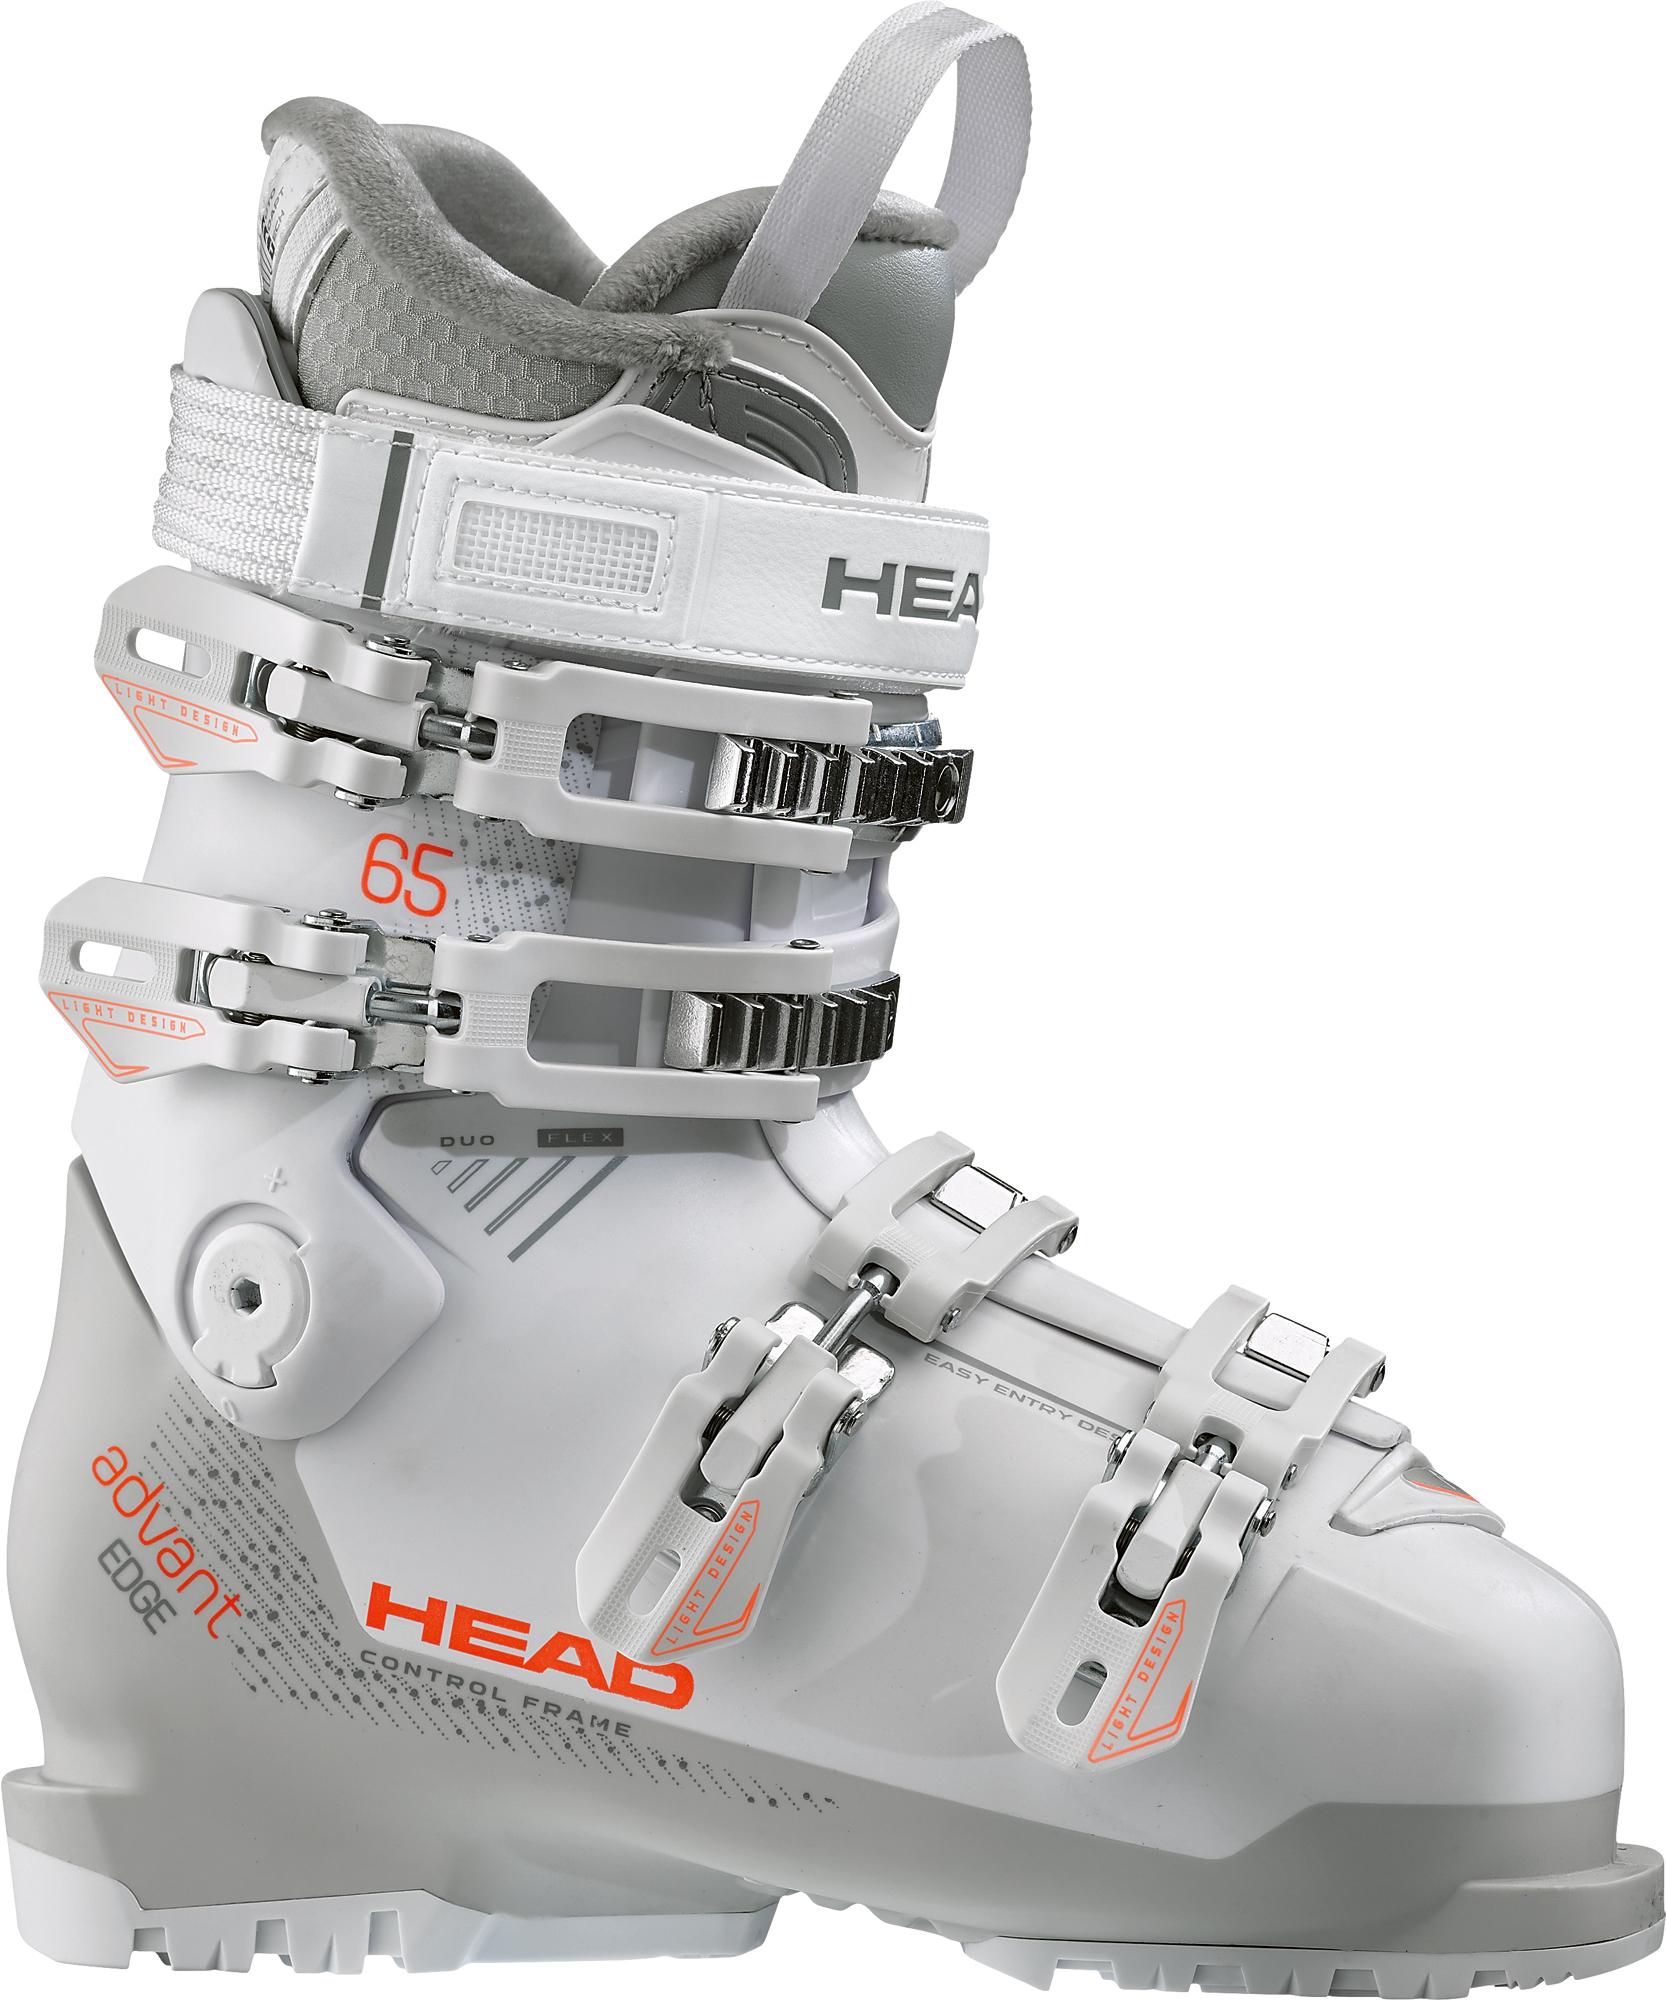 Head Ботинки горнолыжные женские ADVANT EDGE 65 W, размер 26,5 см